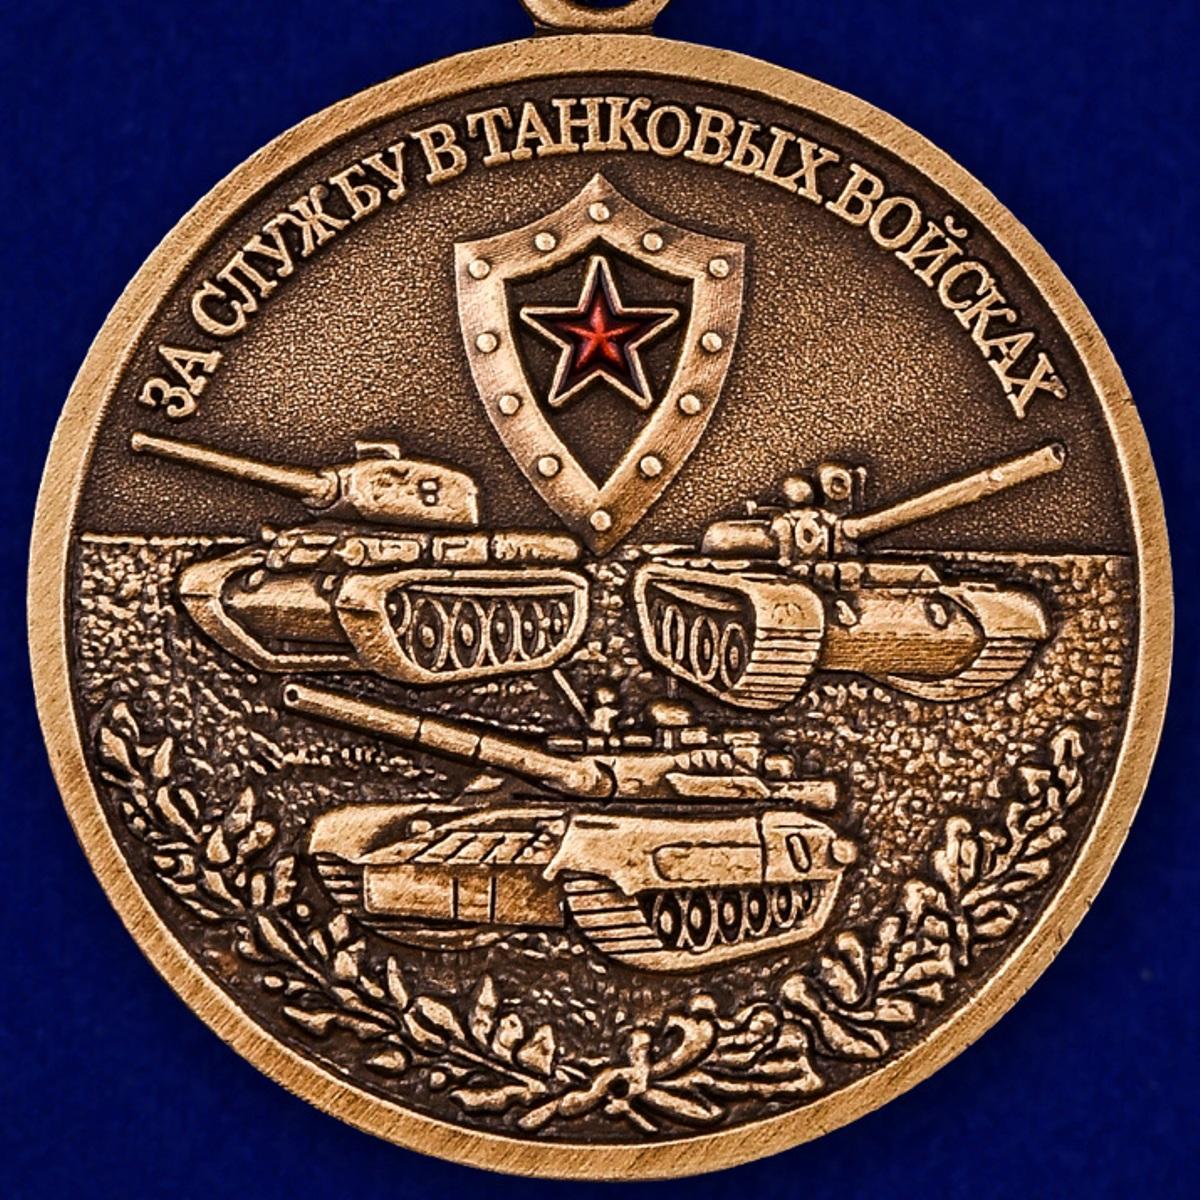 """Медаль """"За службу в Танковых войсках"""" в футляре из темно-бордового флока - купить с доставкой"""